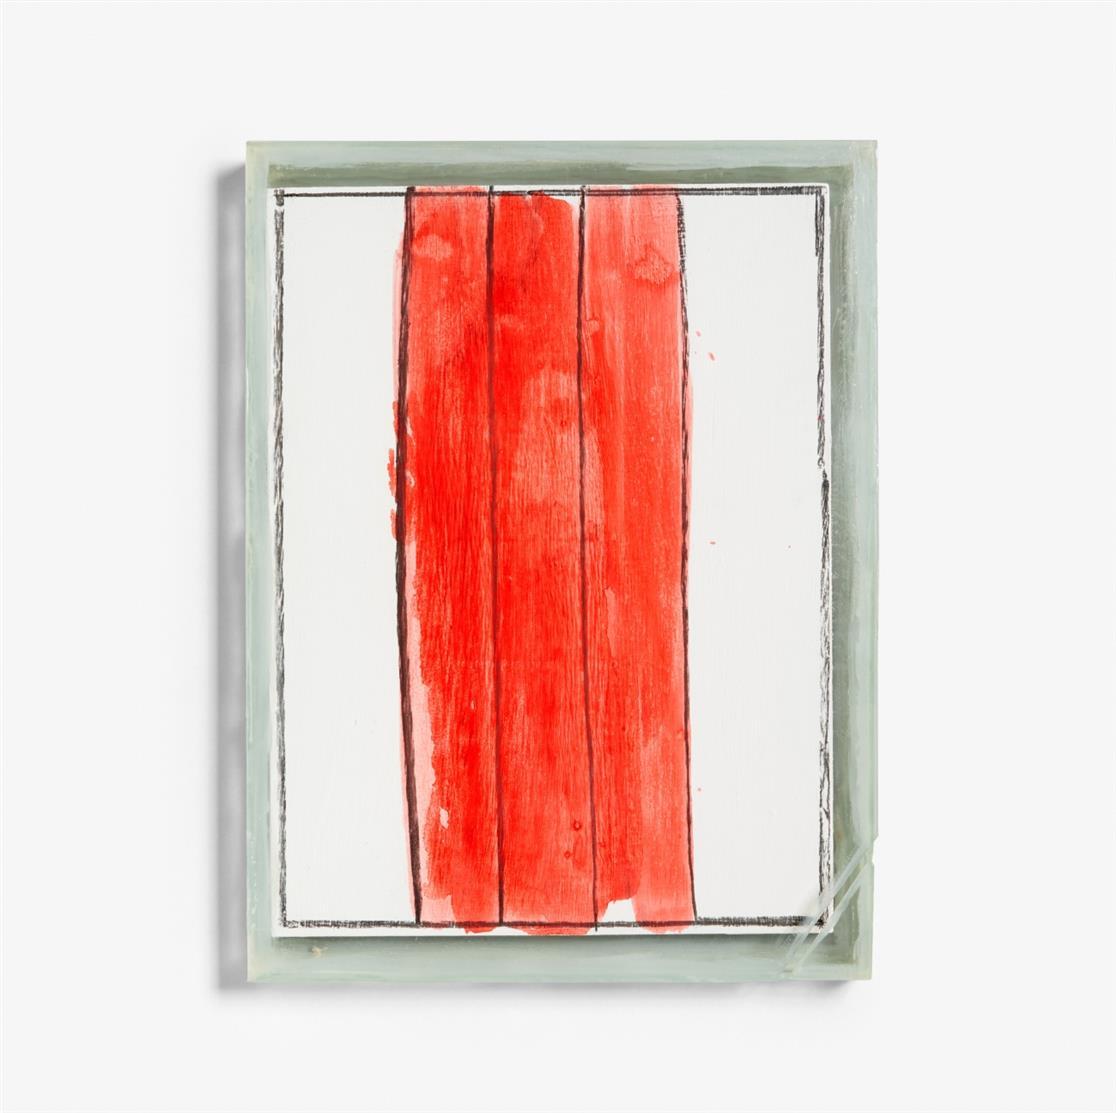 Clemens Weiss. Installationssegment. 1989. Bemalte Holzplatte in Glaskasten, in OrKarton. Ex. 21/24. Signiert. + 3 Beilagen: fragmente / fragmente / in der stadt und auf dem lande. 3 Kataloge mit Glasplatten, Glaseinband bzw. in Glasschuber.